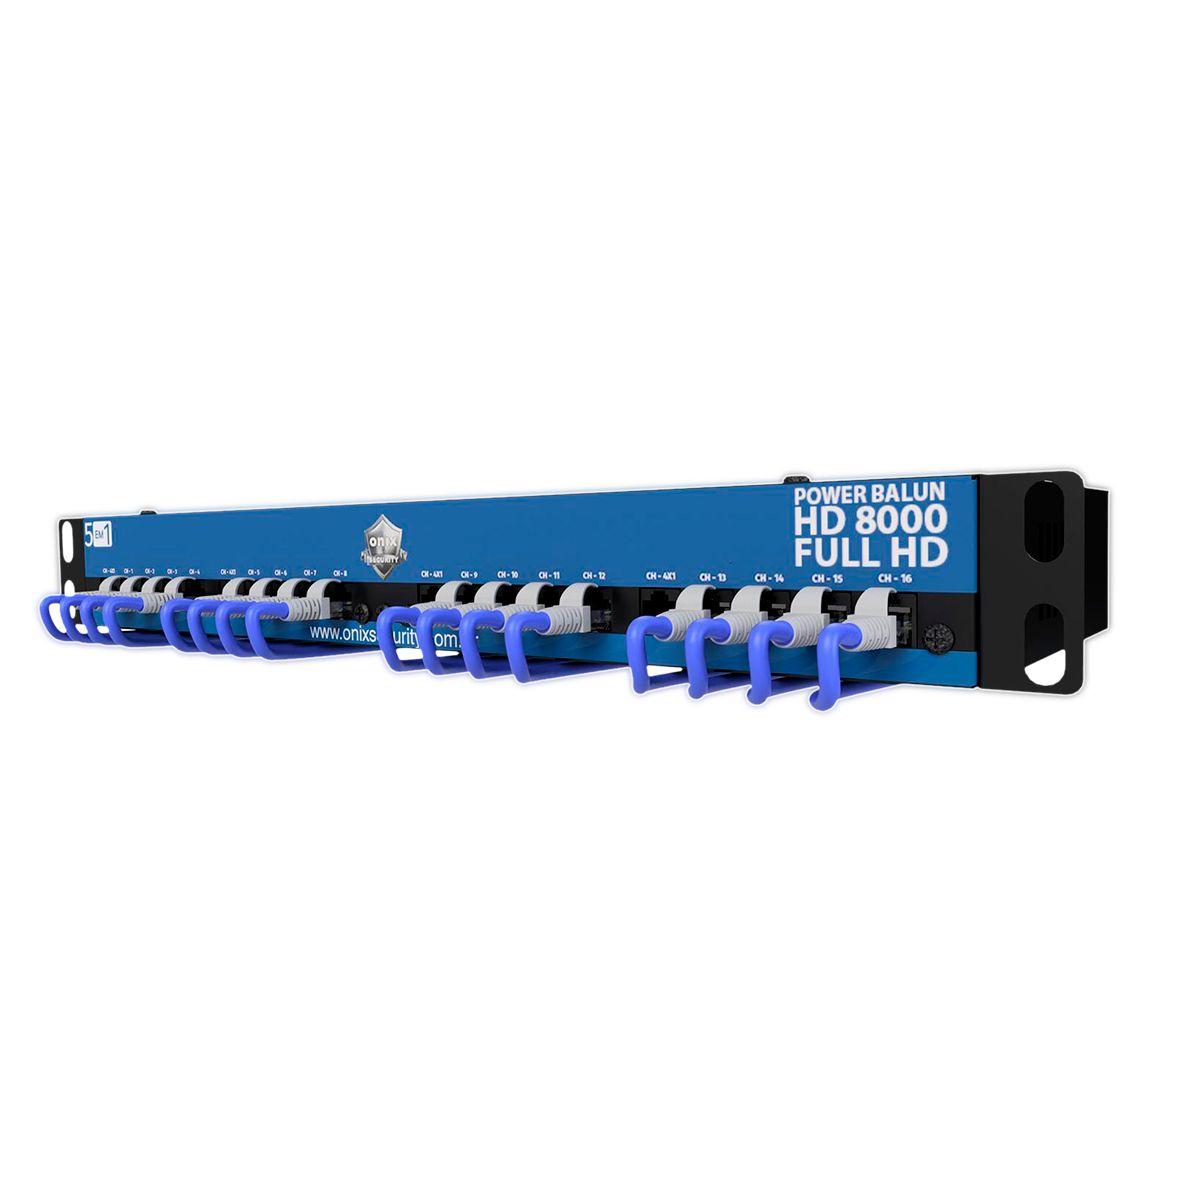 """Rack Power Balun HD 8000 8 Ch De Até 5Mp Onix Security Leva Sinal de Video e Alimentação Através Único Cabo e Fonte Inclusa, Horizontal 19"""" Padrão U   - Tudo Forte"""